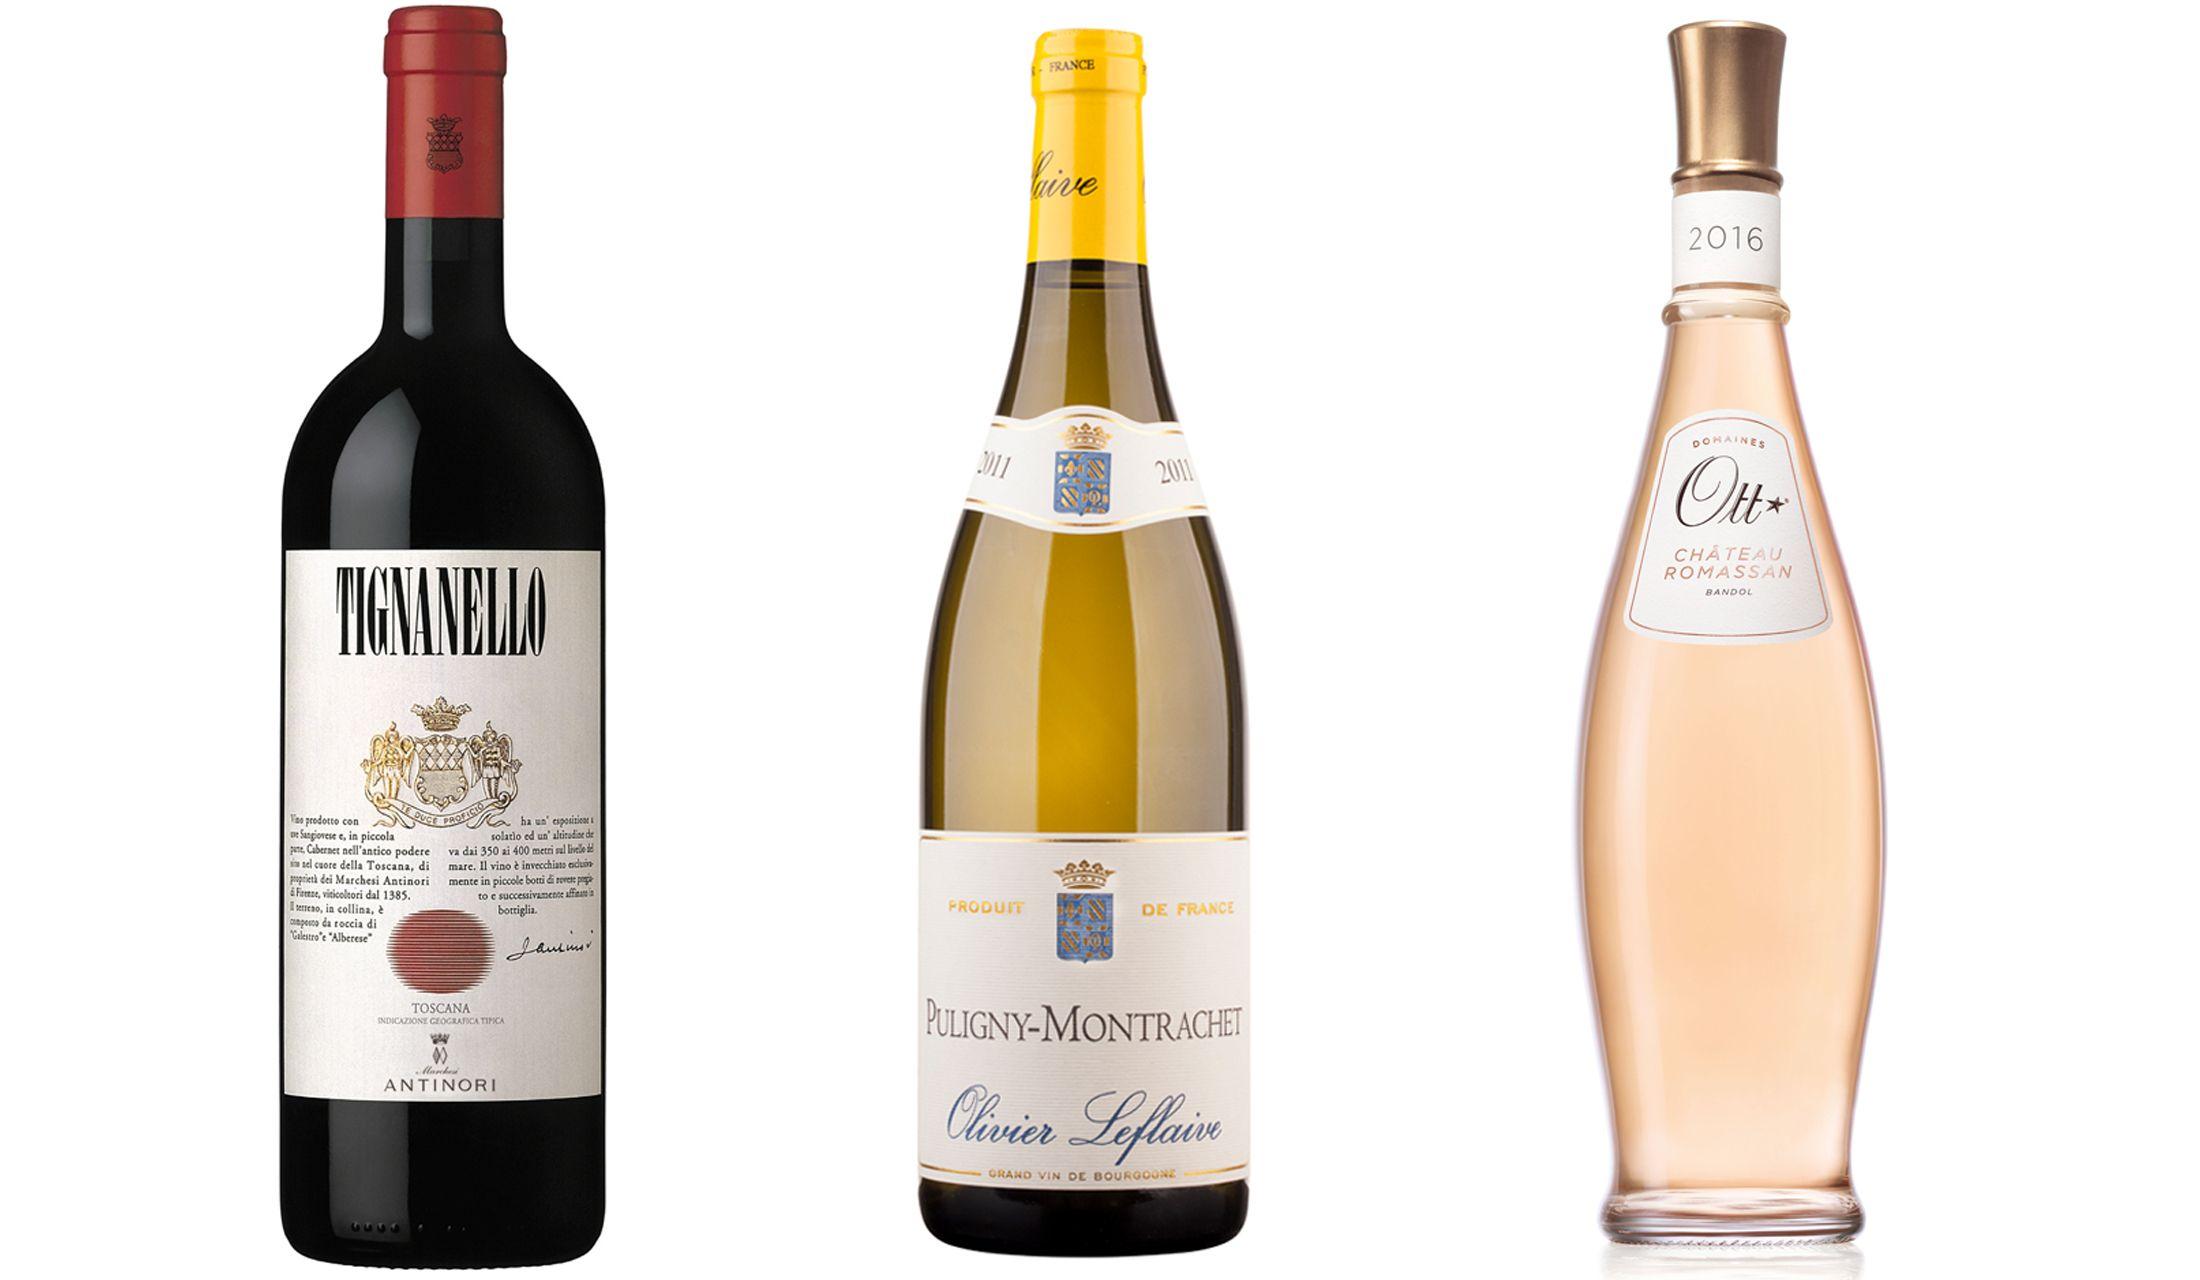 """名家アンティノリが手がける赤ワイン「ティニャネロ」と白ワインの名手が手掛ける白ワイン「ピュリニー・モンラッシェ」と、""""キング・オブ・ロゼ""""と称されるフランストップクラスのロゼワイン「バンドール・ロゼ・クール・ド・グレン・シャトー・ロマサン」"""